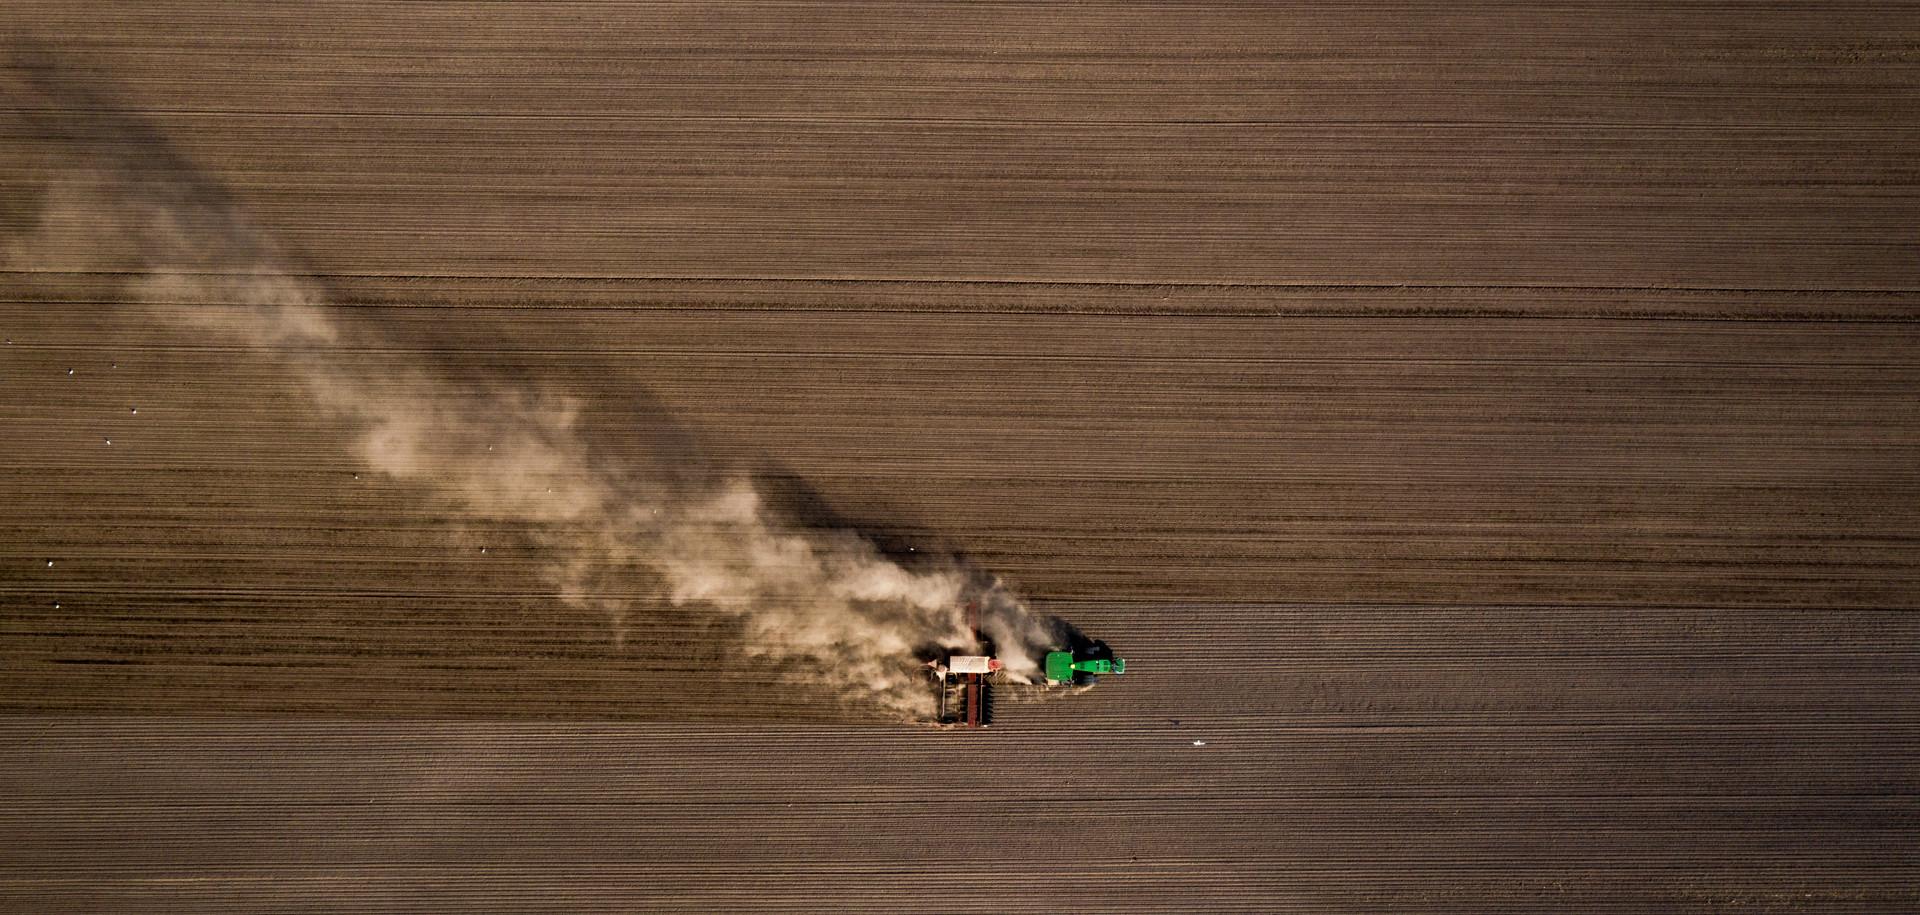 Luftbild Trockenheit _ Traktor _ Landwir